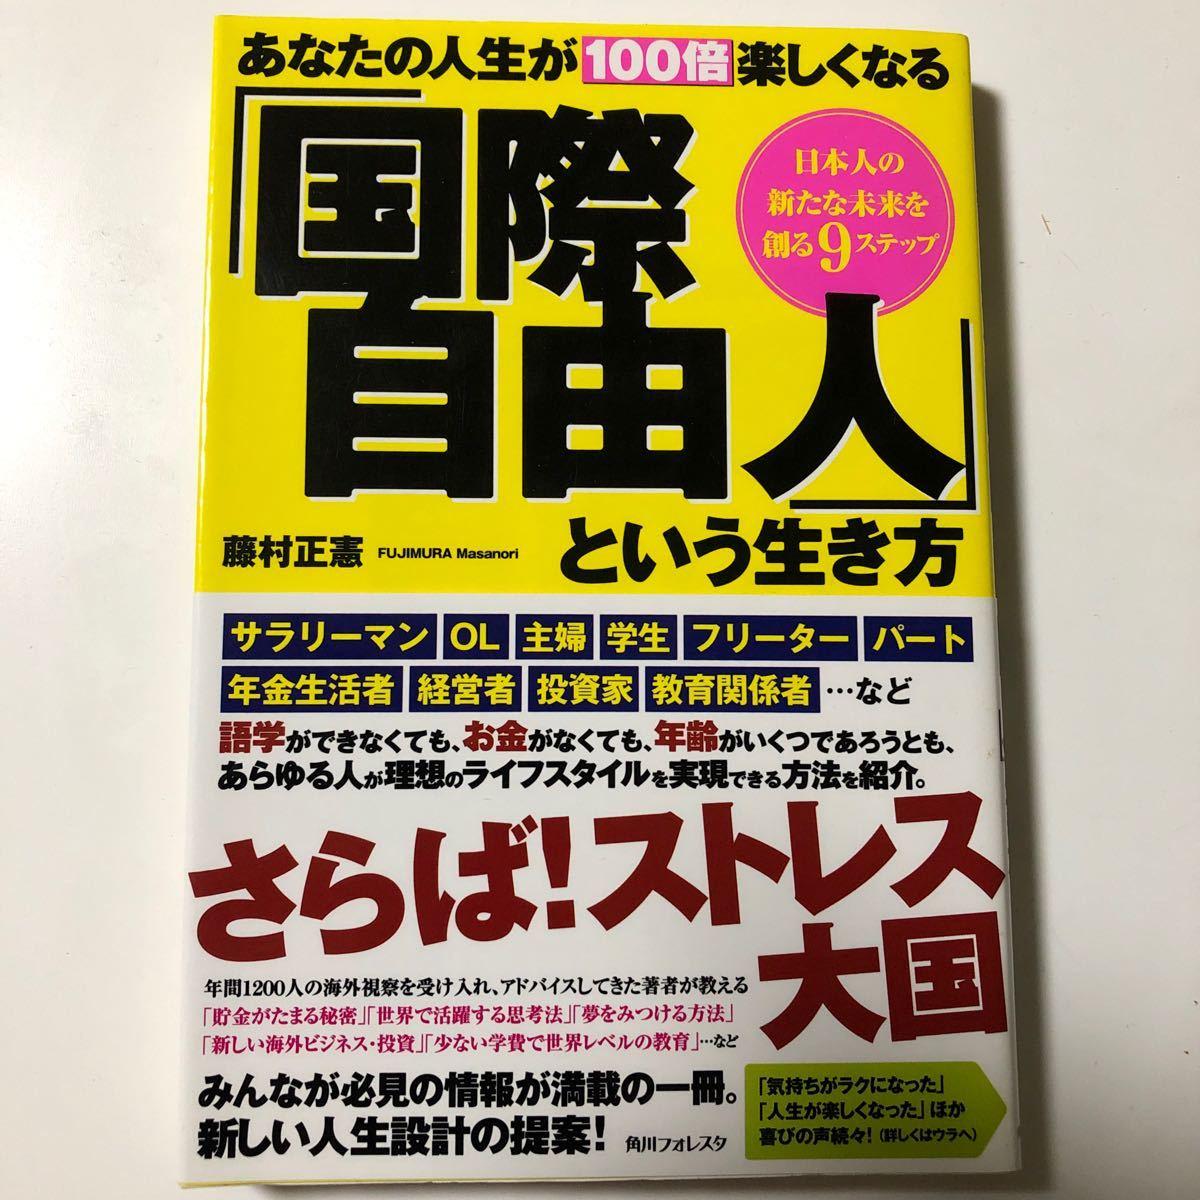 あなたの人生が100倍楽しくなる「国際自由人」という生き方 日本人の新たな未来を